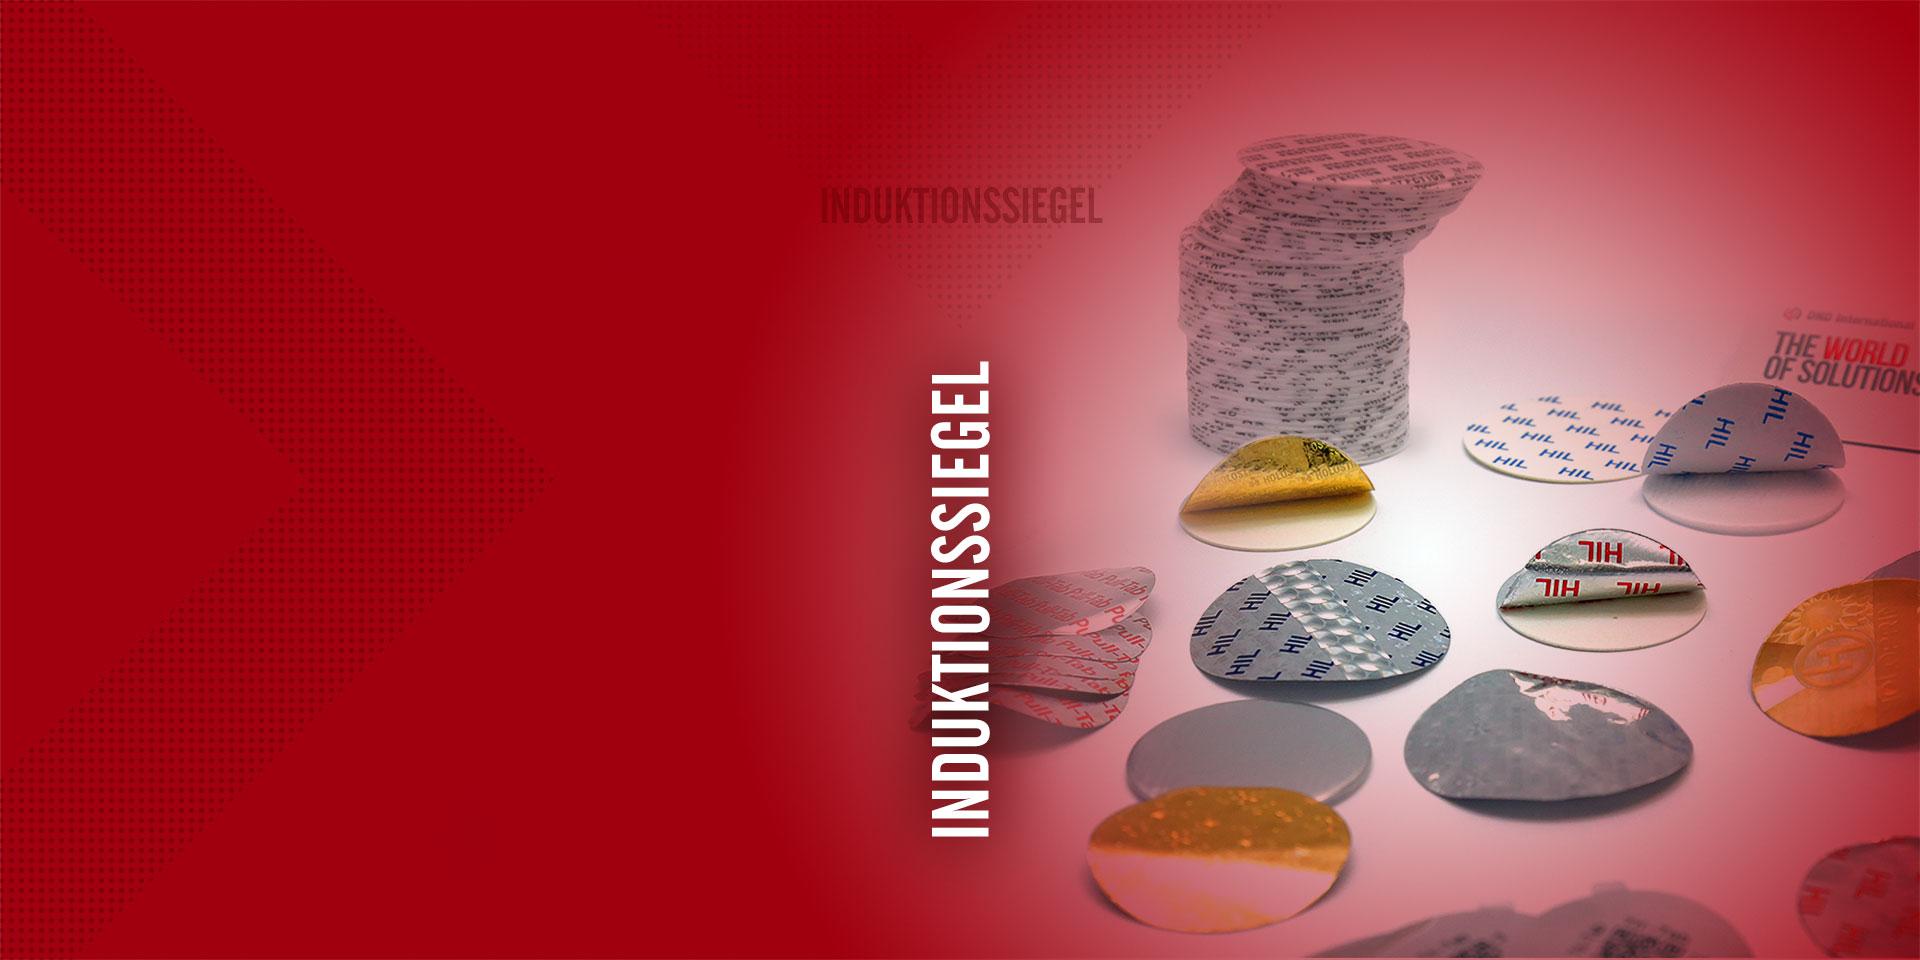 INDUKTIONSSIEGEL -